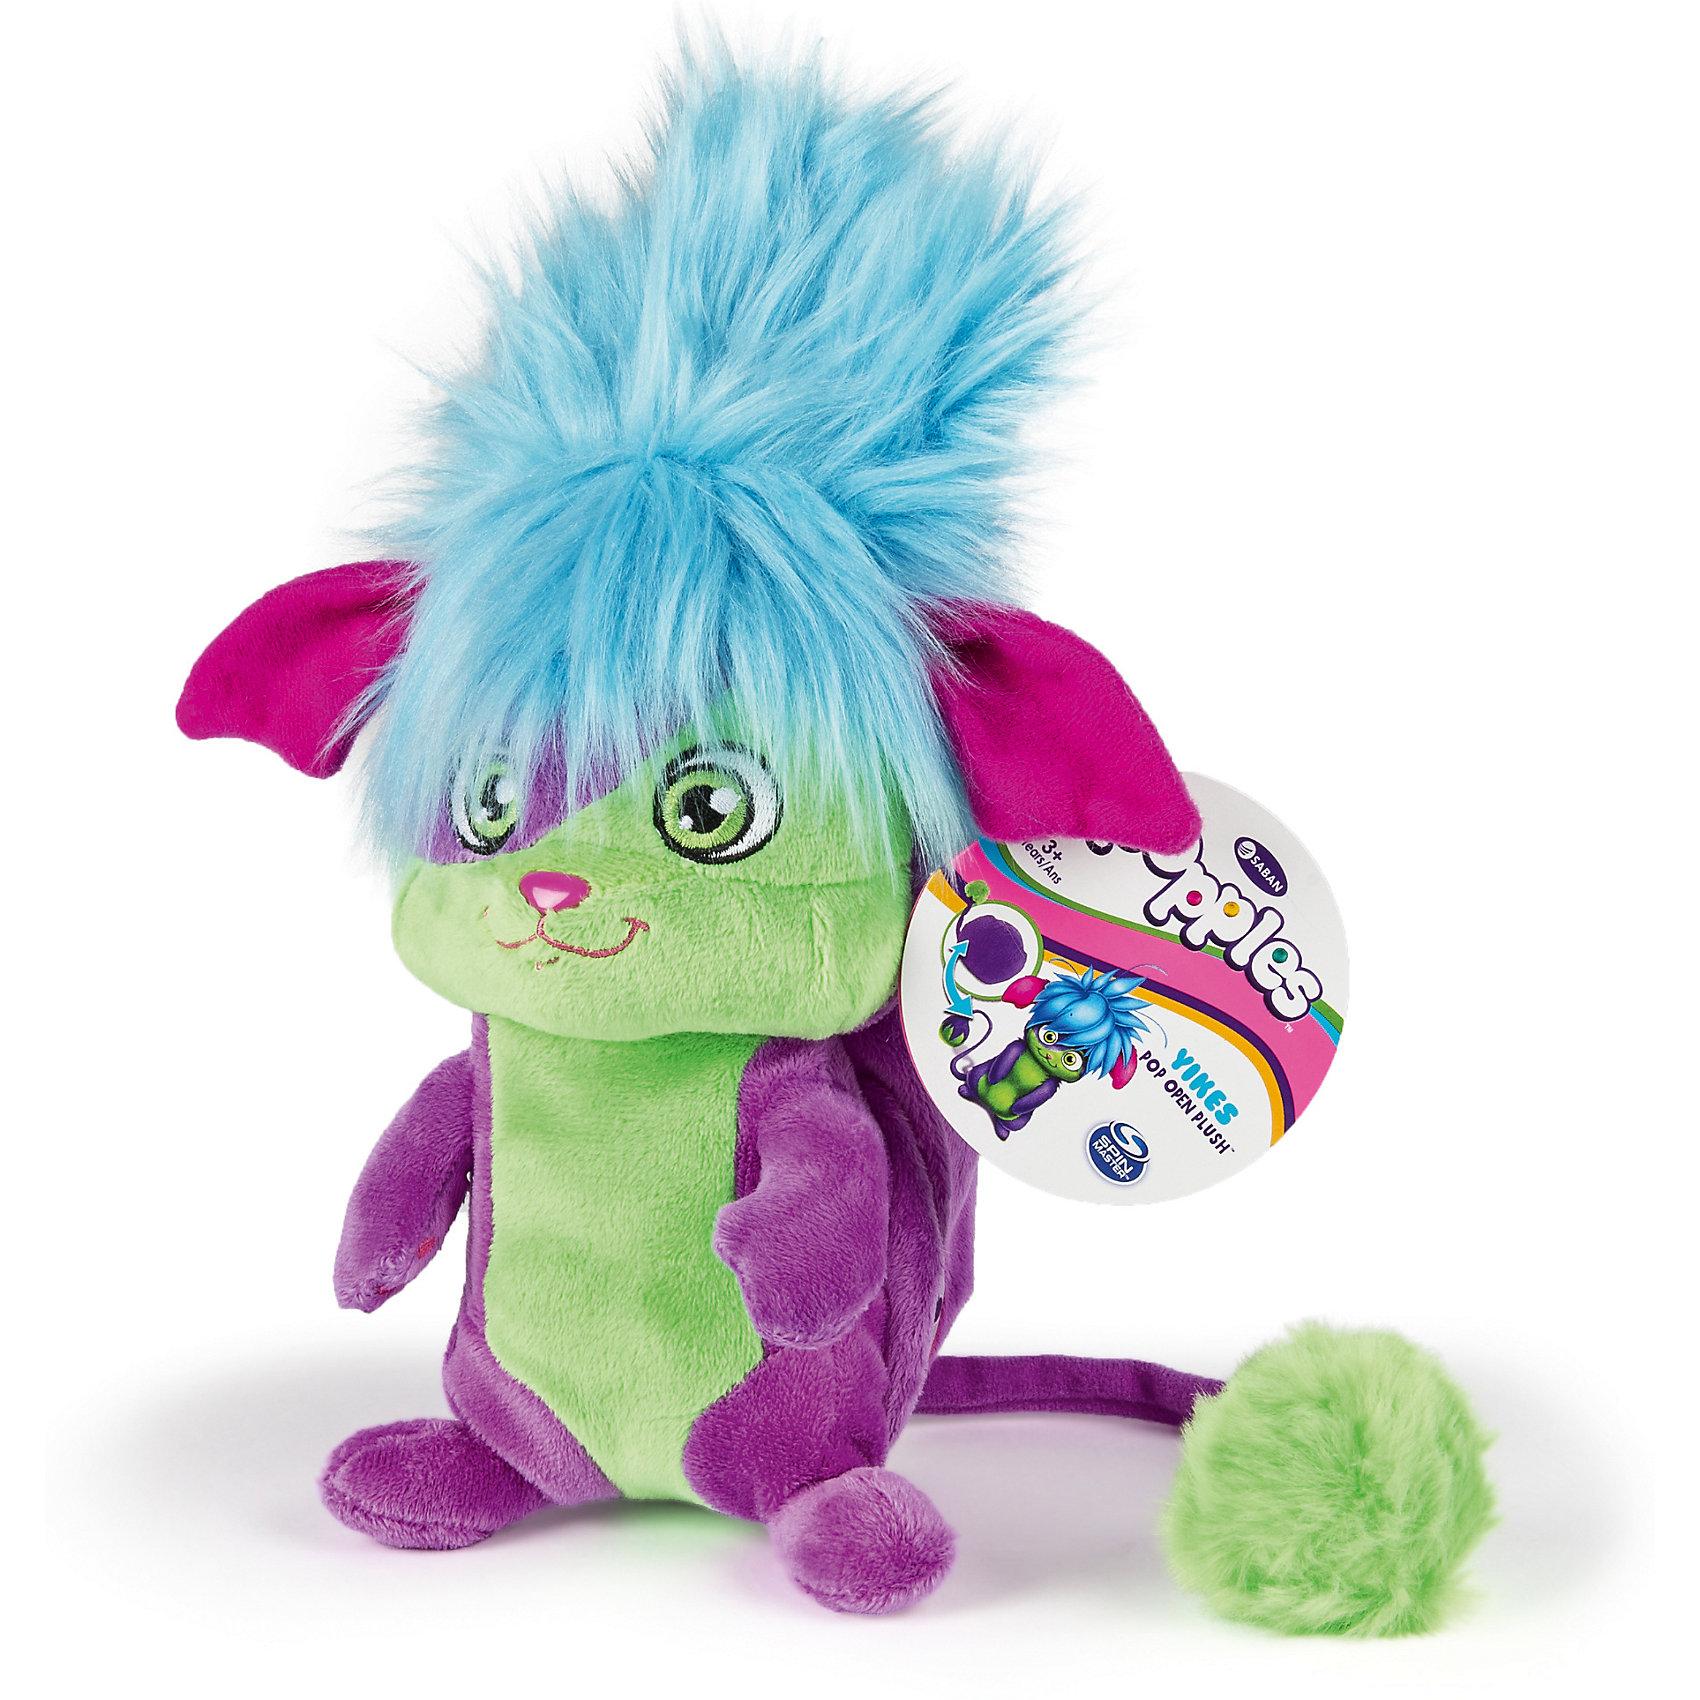 Мягкая игрушка Юкис, 20 см, сворачивается в шар, PopplesМягкая игрушка Юкис, 20 см, сворачивается в шар, Popples<br><br>Характеристика:<br><br>-Возраст: от 4 лет<br>-Для девочек<br>-Цвет: разноцветный<br>-Материал: плюш<br>-Размер: 20 см<br>-Марка: Popples<br><br>Мягкая игрушка Popples - это уникальная мягкая игрушка для детей. Игрушка по имени Юкис яркая и веселая. Самое интересное то, что она имеет небольшой кармашек, что позволяет превратить игрушку в небольшой шар. Благодаря этому ее легко брать на прогулку или в путешествие.<br><br>Мягкая игрушка Юкис, 20 см, сворачивается в шар, Popples можно приобрести в нашем интернет-магазине.<br><br>Ширина мм: 80<br>Глубина мм: 230<br>Высота мм: 100<br>Вес г: 310<br>Возраст от месяцев: 36<br>Возраст до месяцев: 2147483647<br>Пол: Женский<br>Возраст: Детский<br>SKU: 5301638